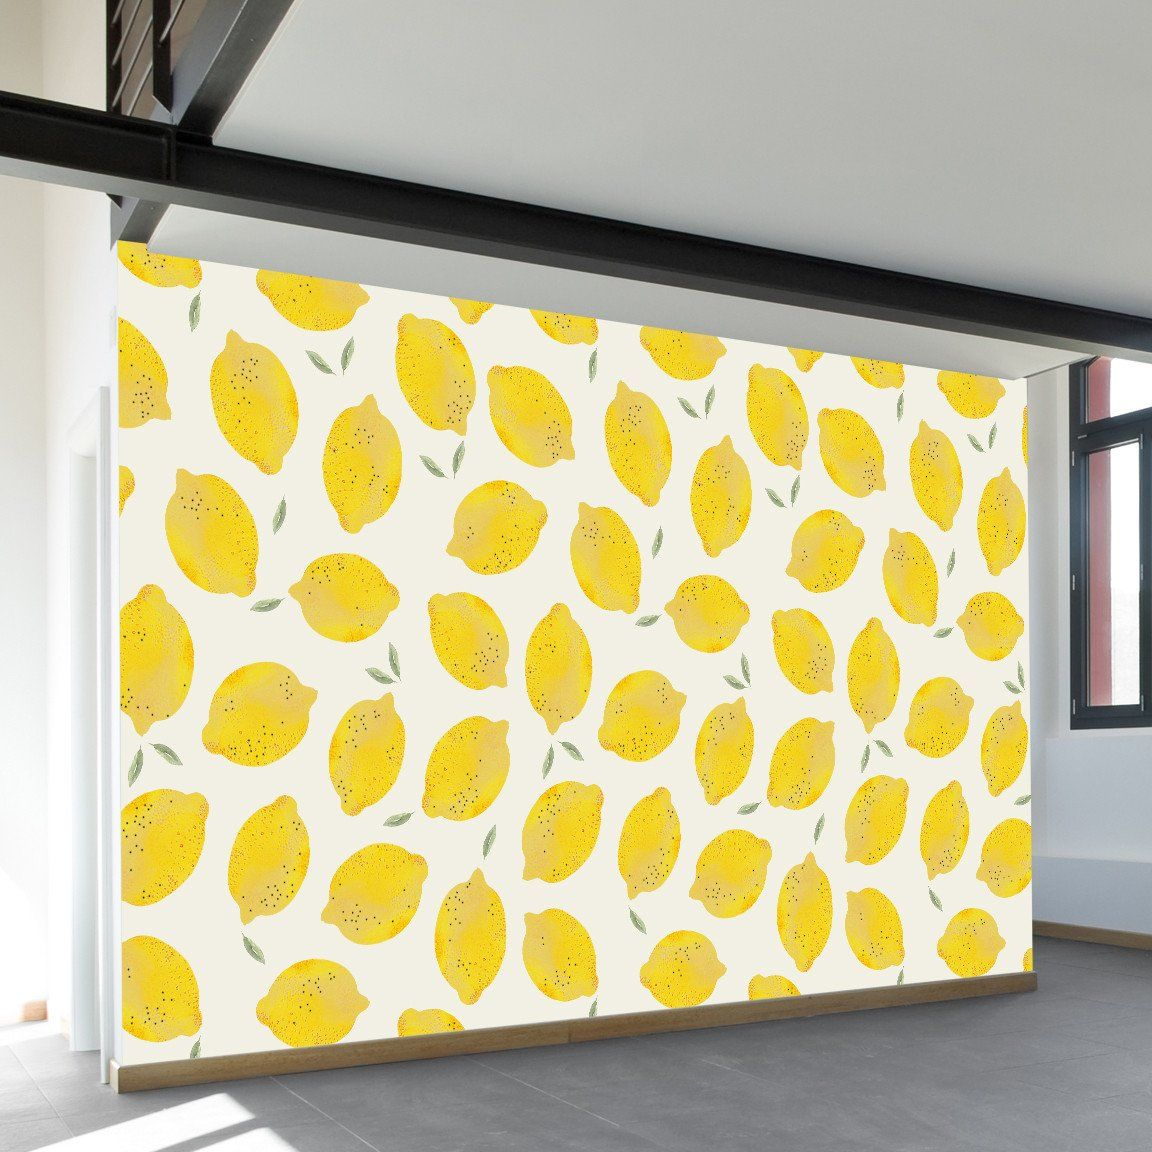 Lemon Wall Mural | Wall murals, Walls and Modern art